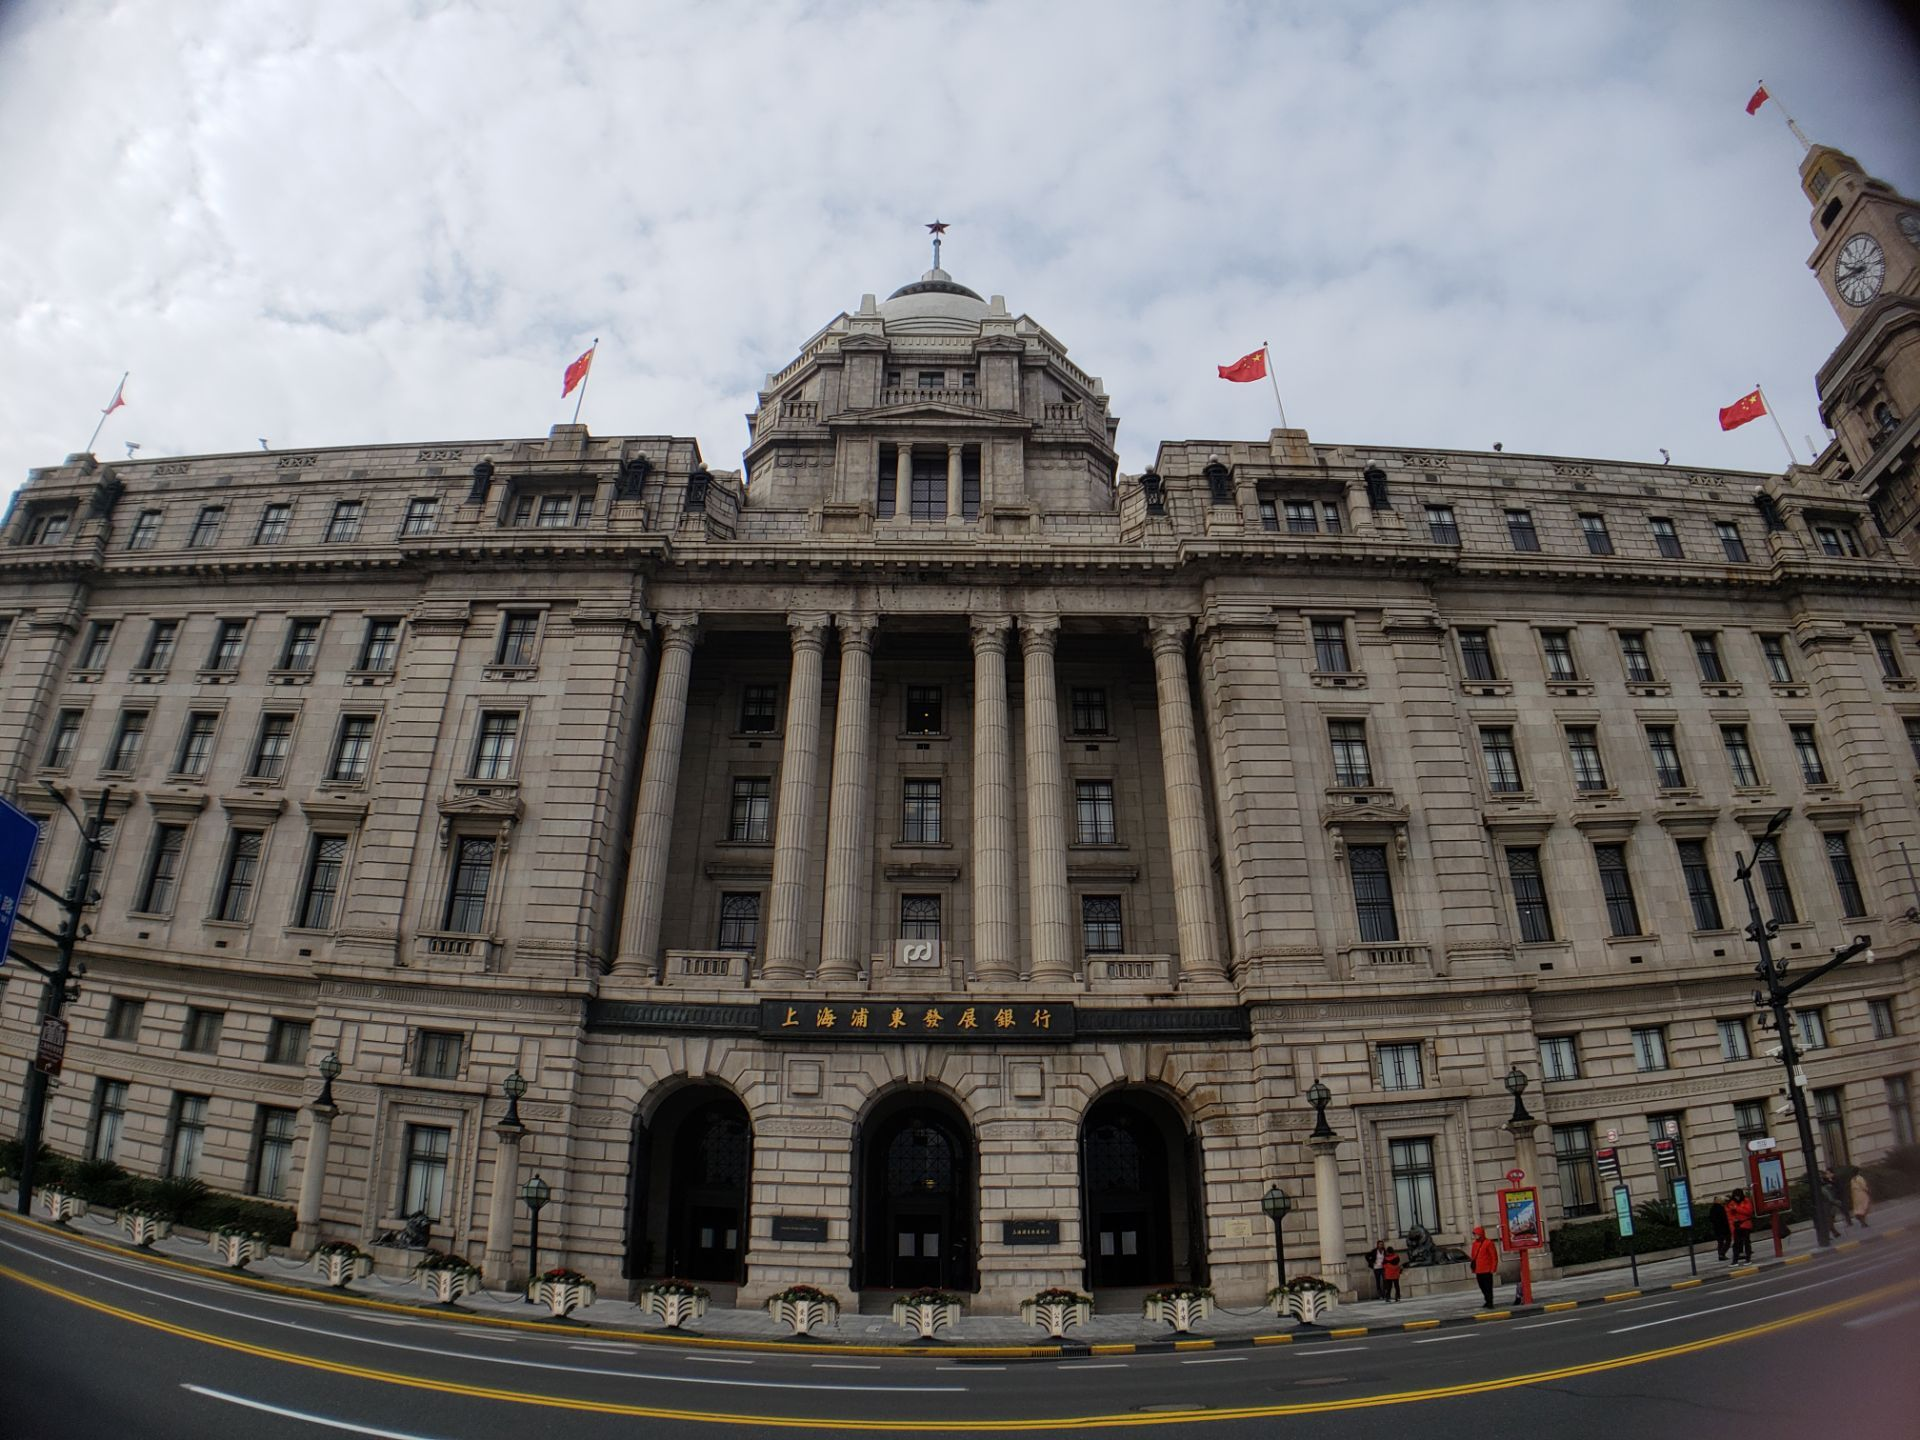 上海浦东发展_上海汇丰银行大楼好玩吗,上海汇丰银行大楼景点怎么样_点评 ...